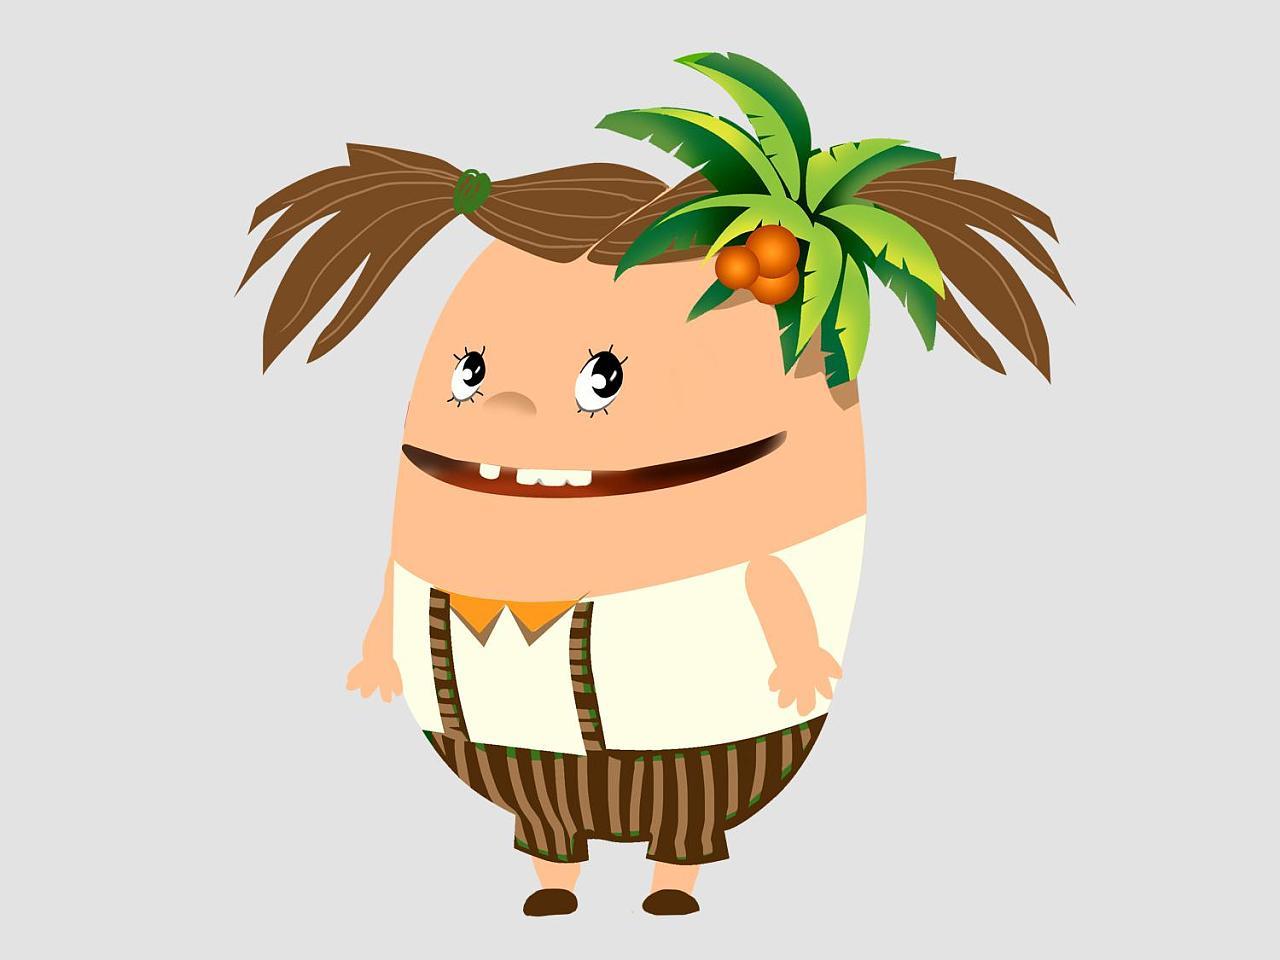 椰子卡通形象绘制图片